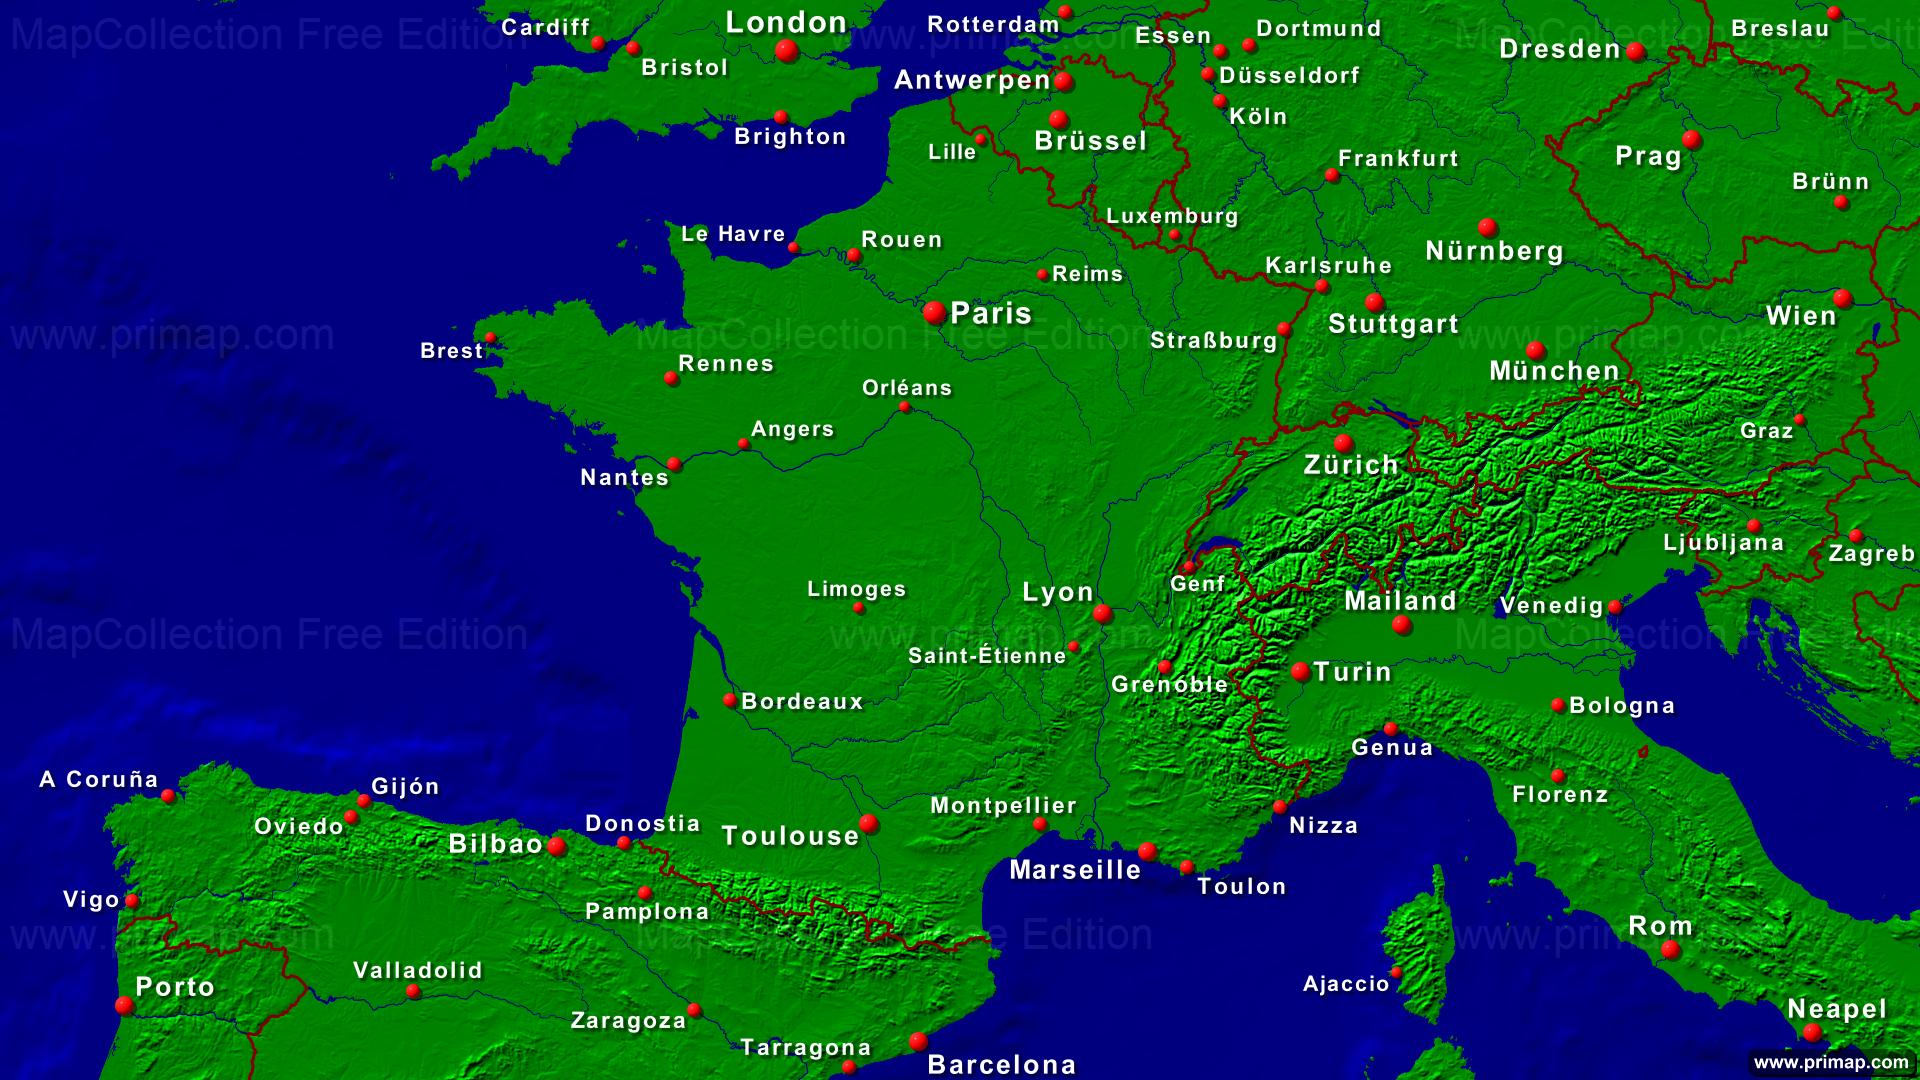 primap Länderkarten - Deutschland Und Frankreich Karte